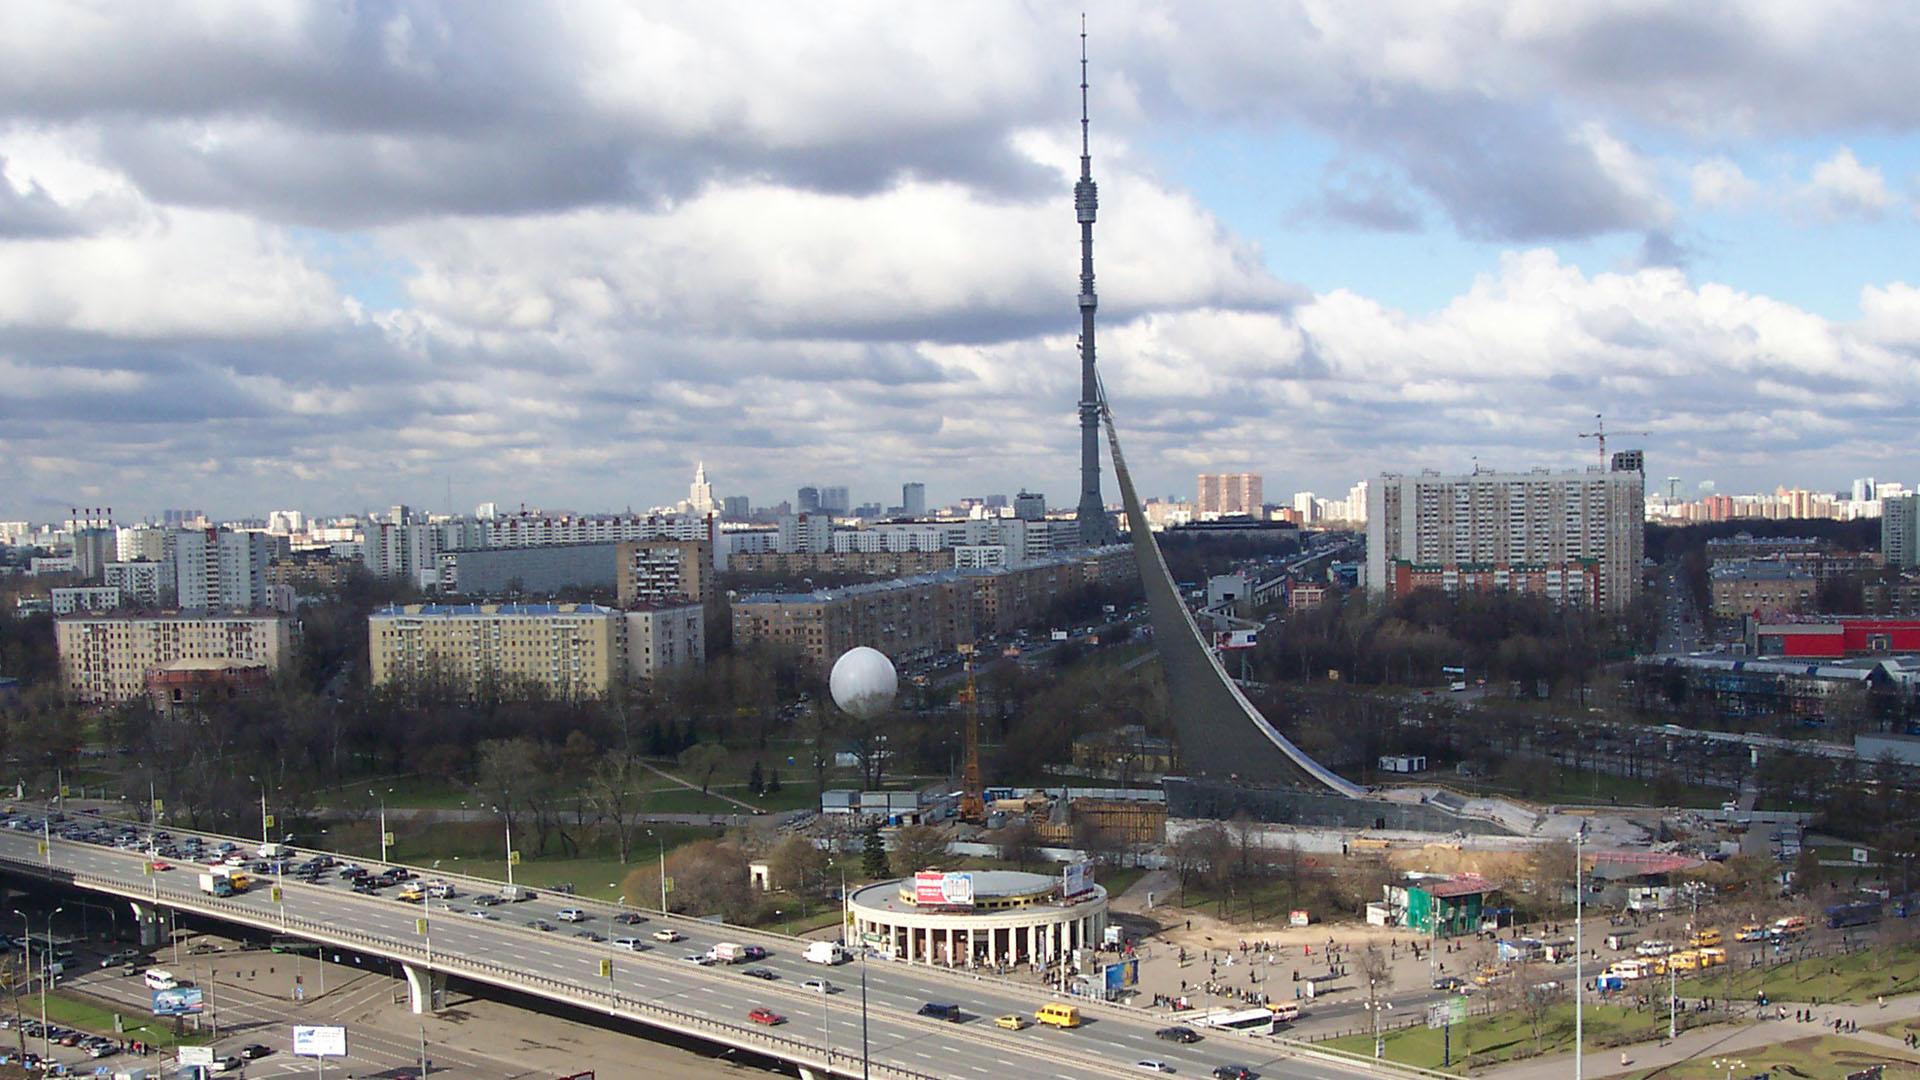 Москва Россия телебашня останкино онлайн